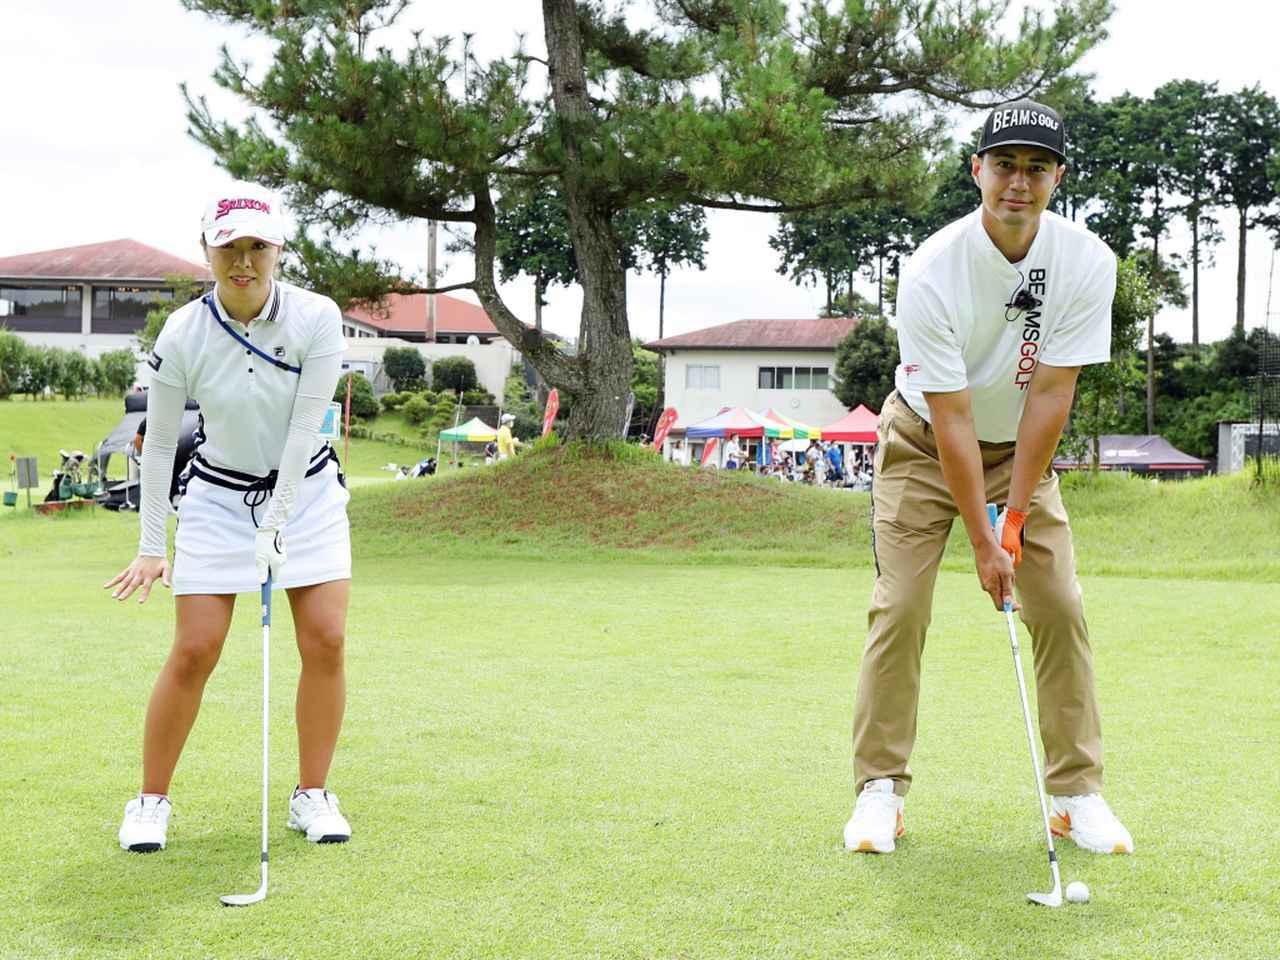 画像: 高さの出るアプローチでは、ボールを左足のかかとの前にセット。手元は左足ふとももの内側にセットし、左右均等に体重を乗せて構える